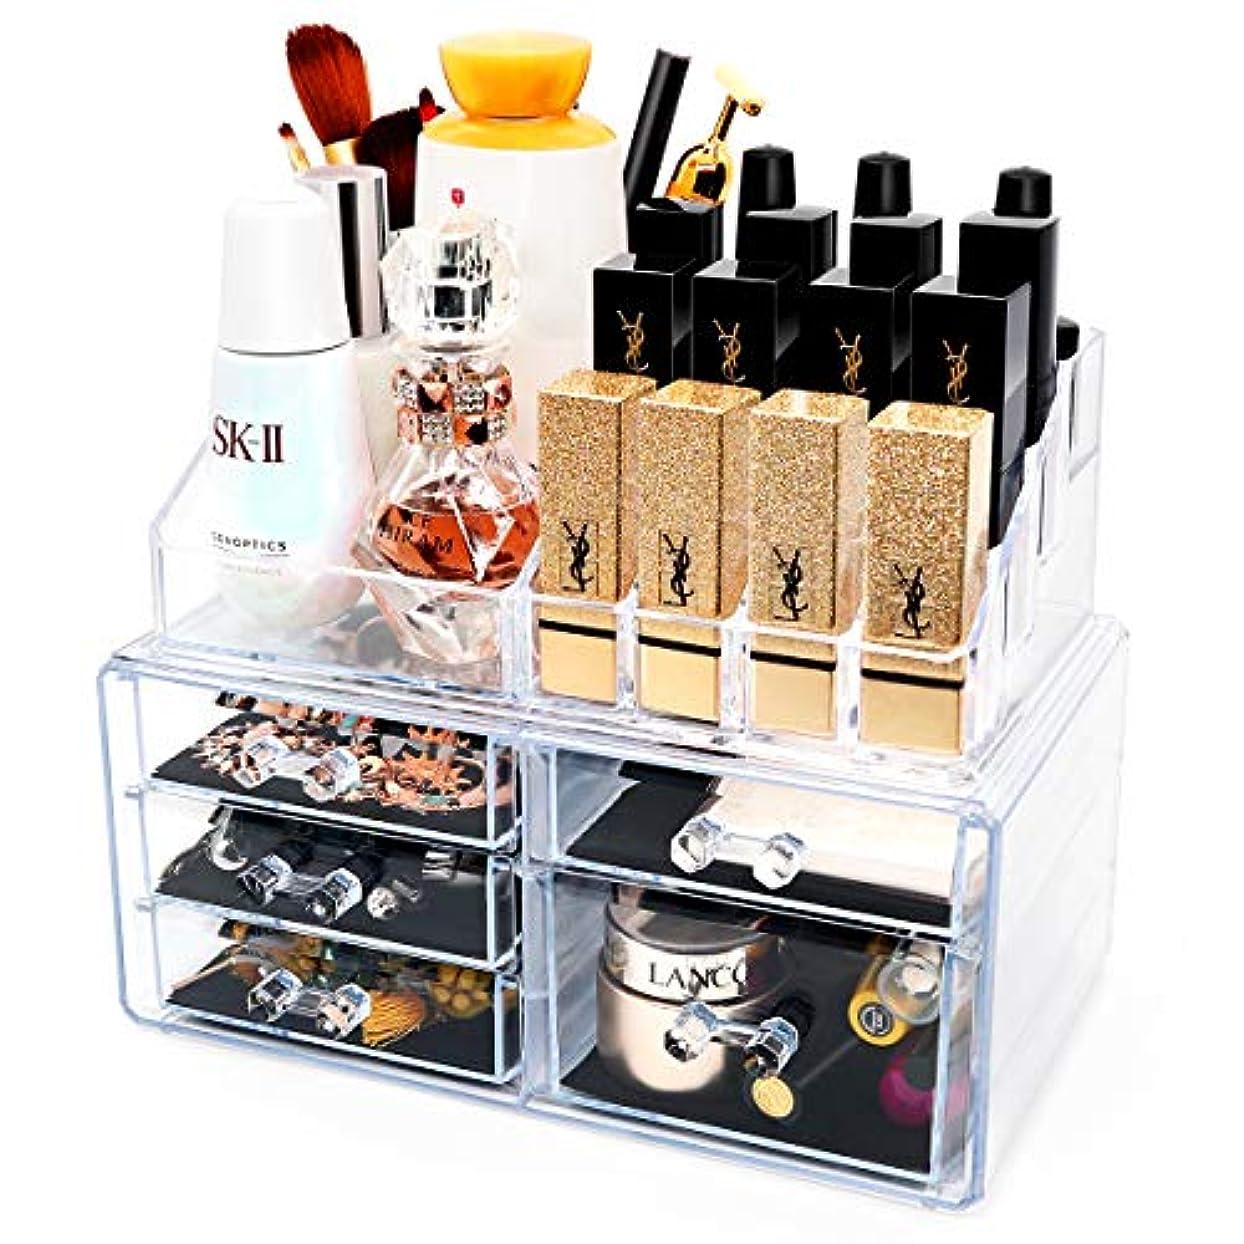 光活力ラジカルBESONT化粧品収納ボックス メイク収納ケース コスメ 収納ボックス 大容量 高透明度 引き出し アクセサリー/化粧品入れ 耐久